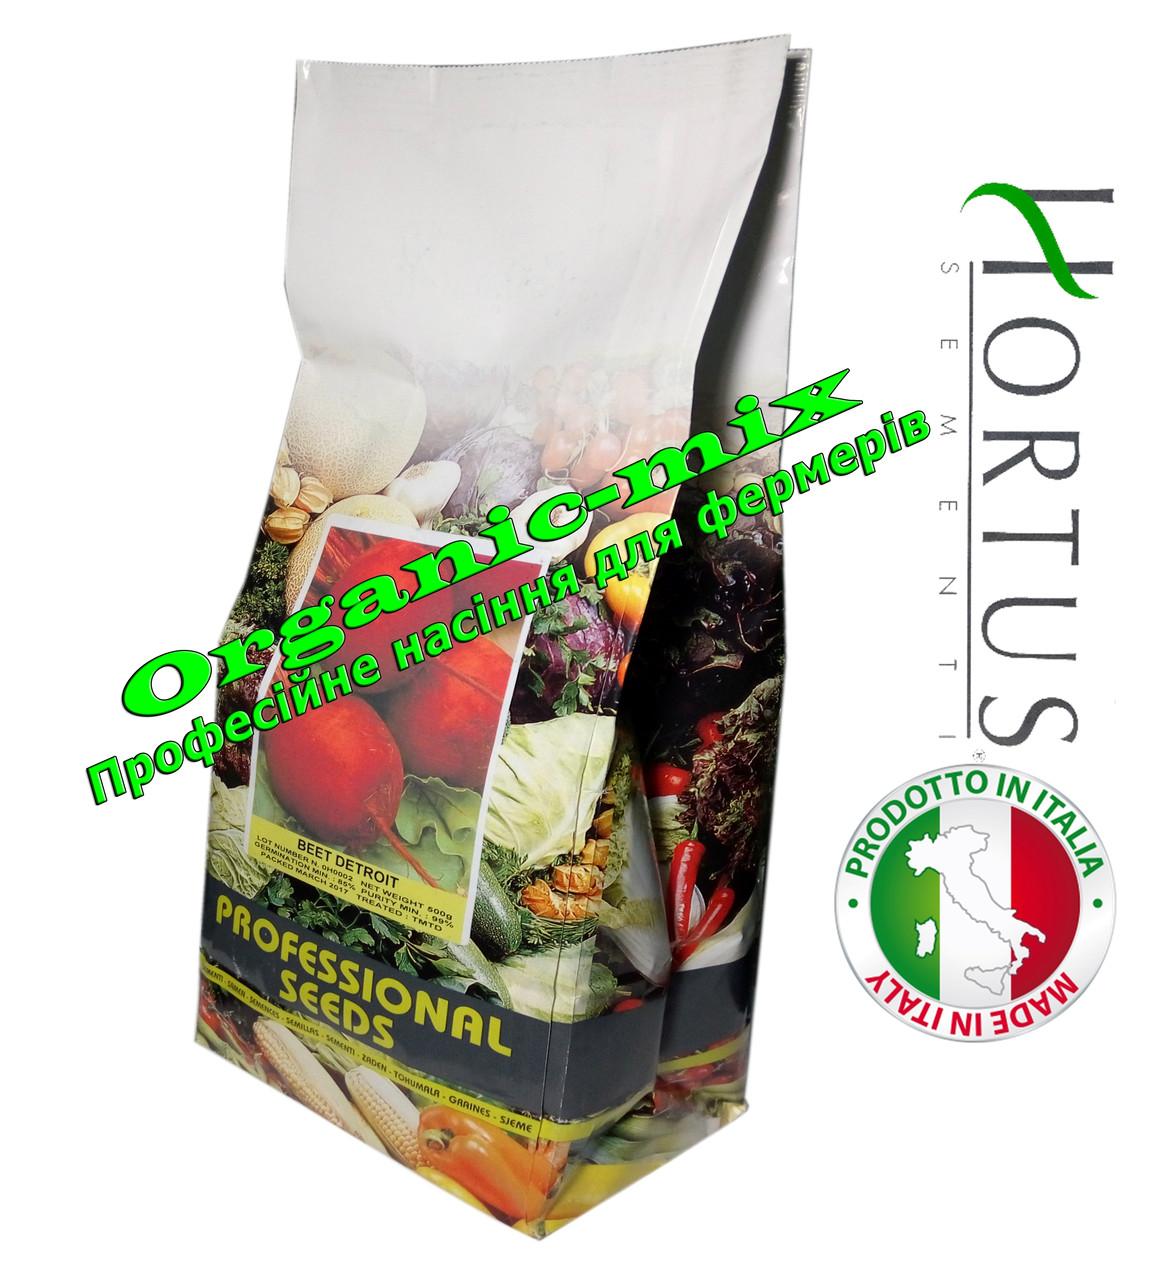 ДЕТРОЙТ 2 / DETROYT 2 - свекла ТМ Hortus Италия, фермерская фасовка, пакет 500 грамм.